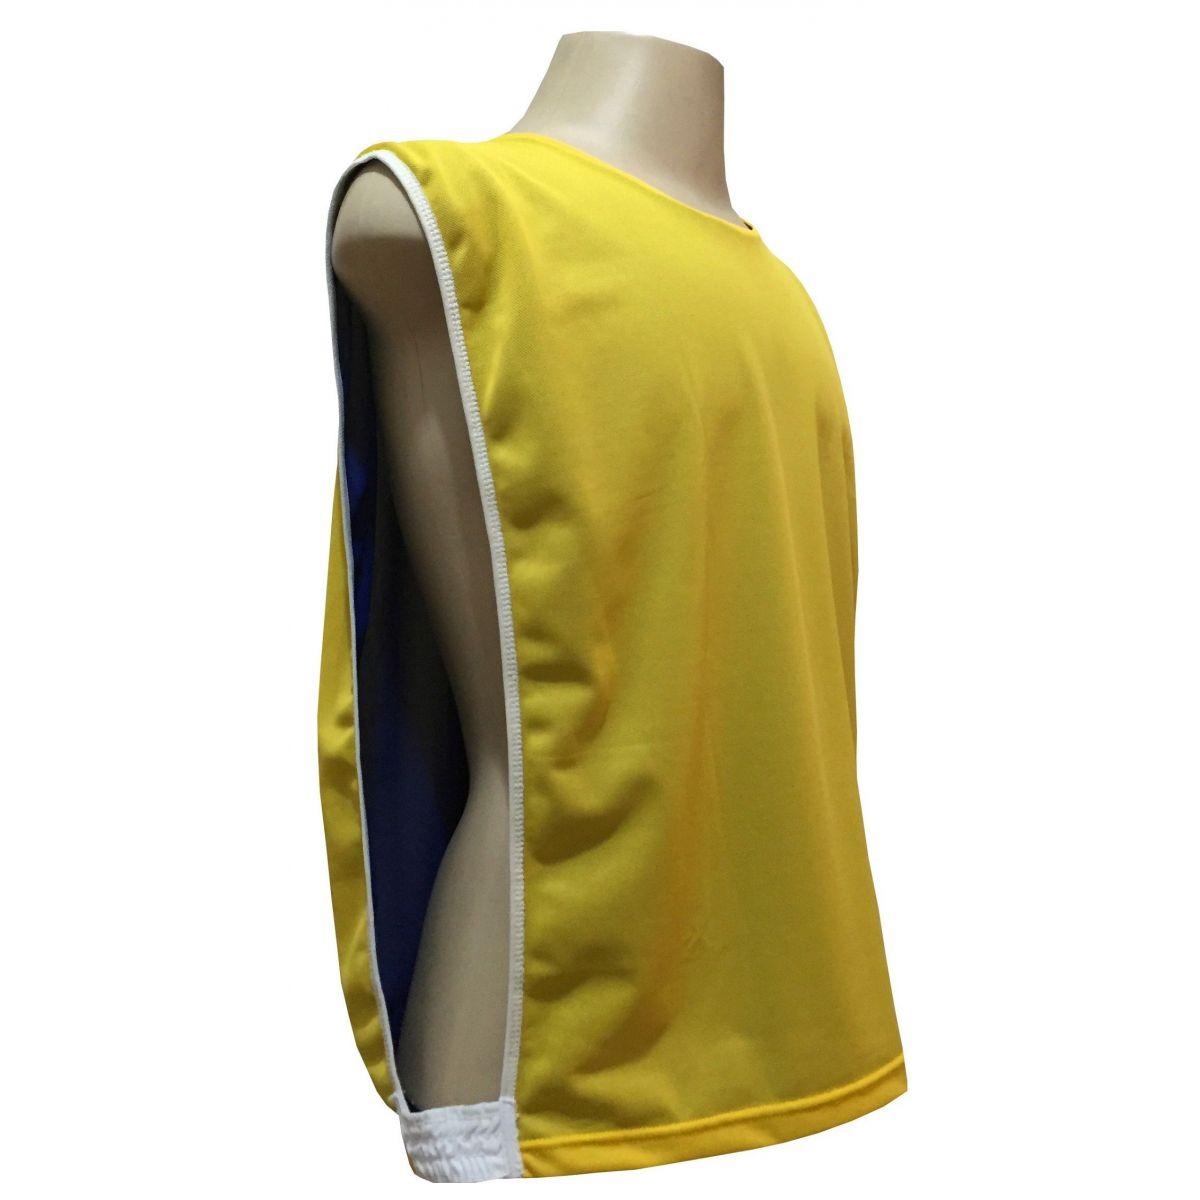 Jogo de Coletes Dupla Face 15 Unidades na cor Amarelo/Royal